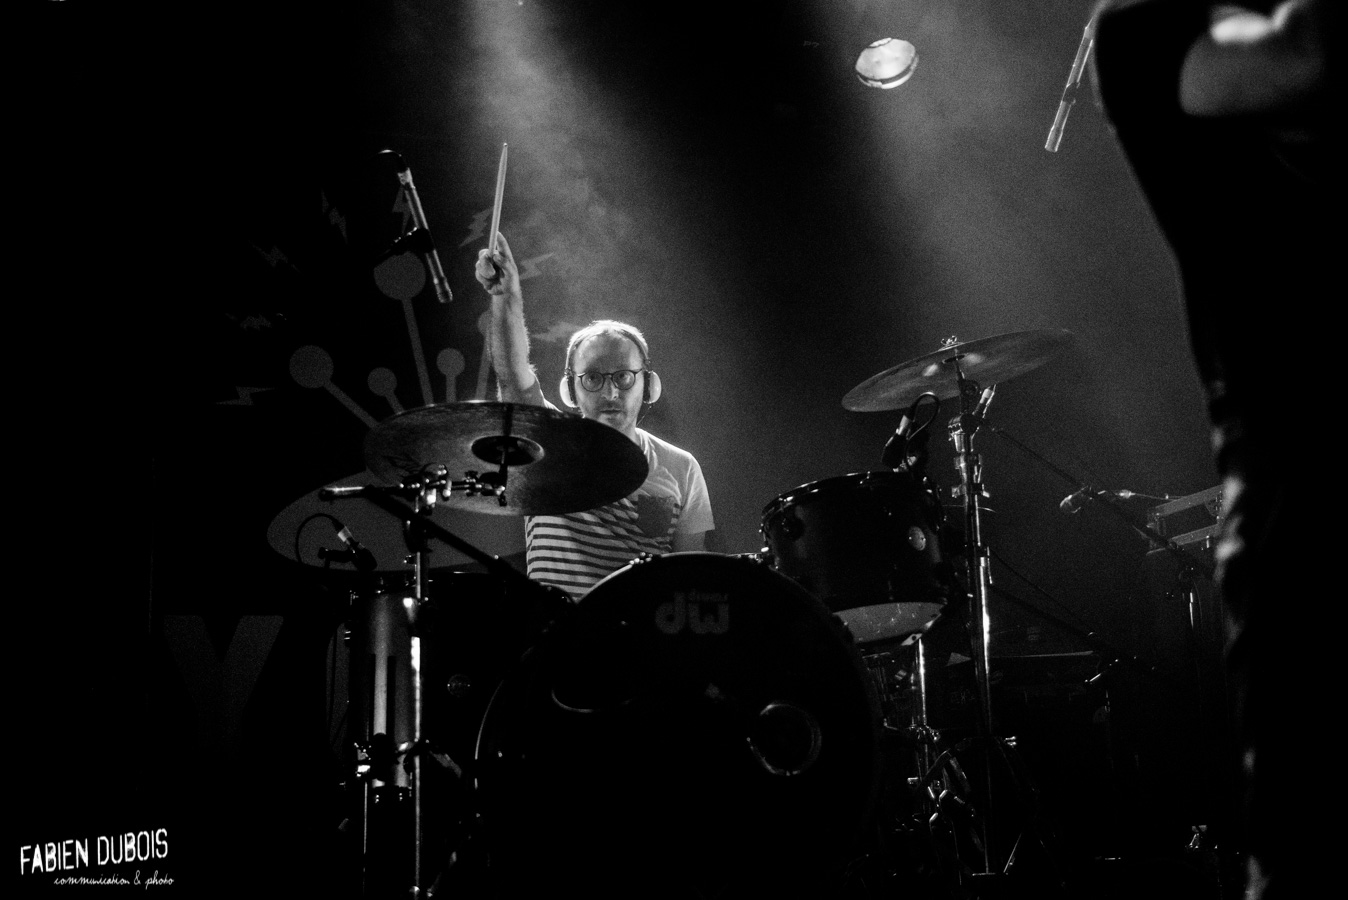 Photo Jaromil Cave à Musique Cavazik Mâcon 20 ans Youz2018